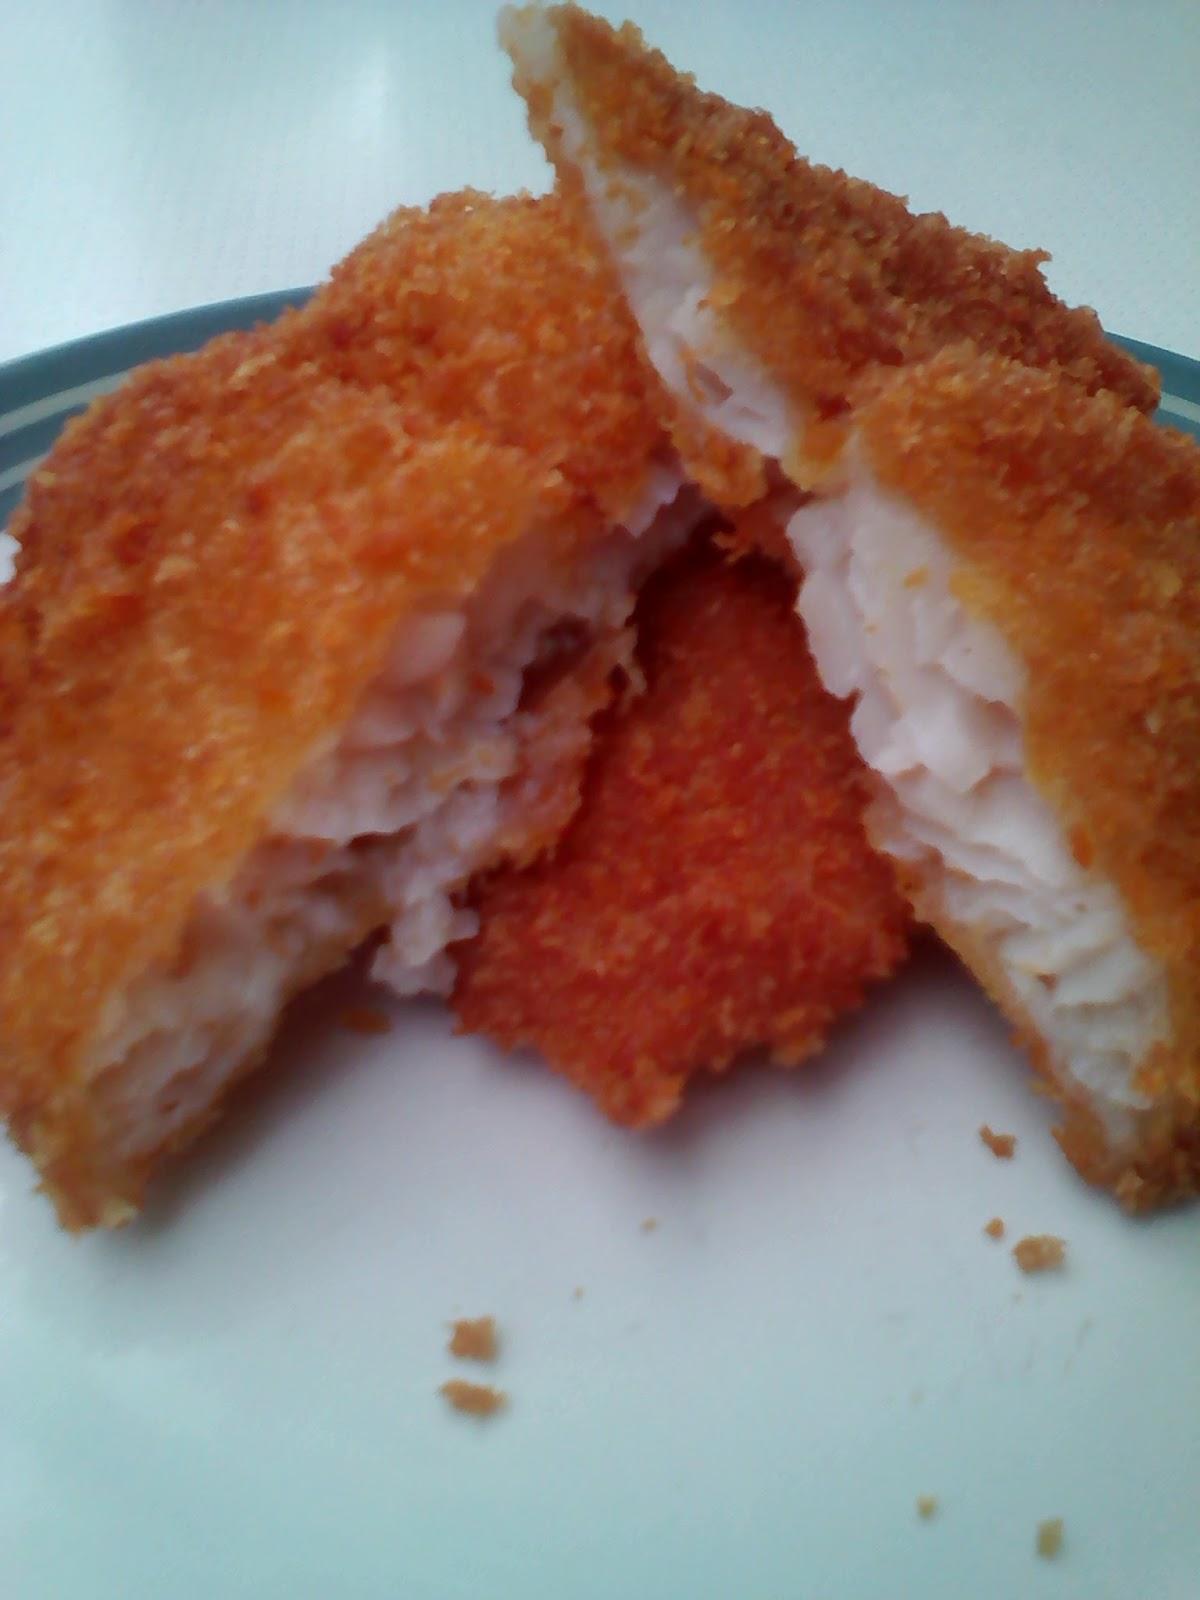 Resepi Ikan Dori Goreng Tepung Panir Resepi Merory Sedap Betul